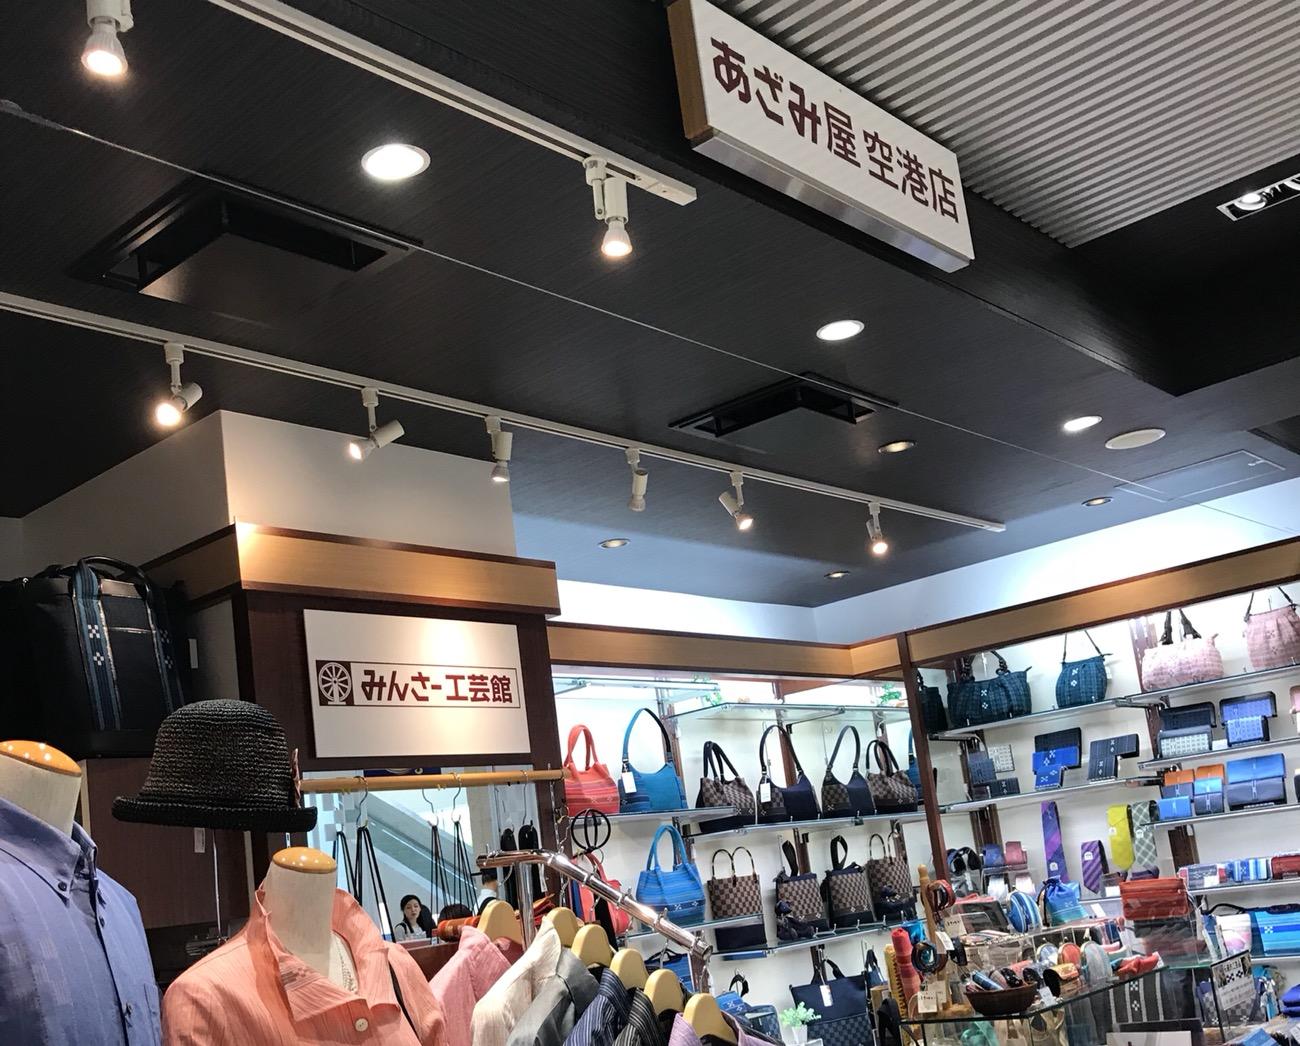 みんさー織のあざみ屋 石垣島空港土産